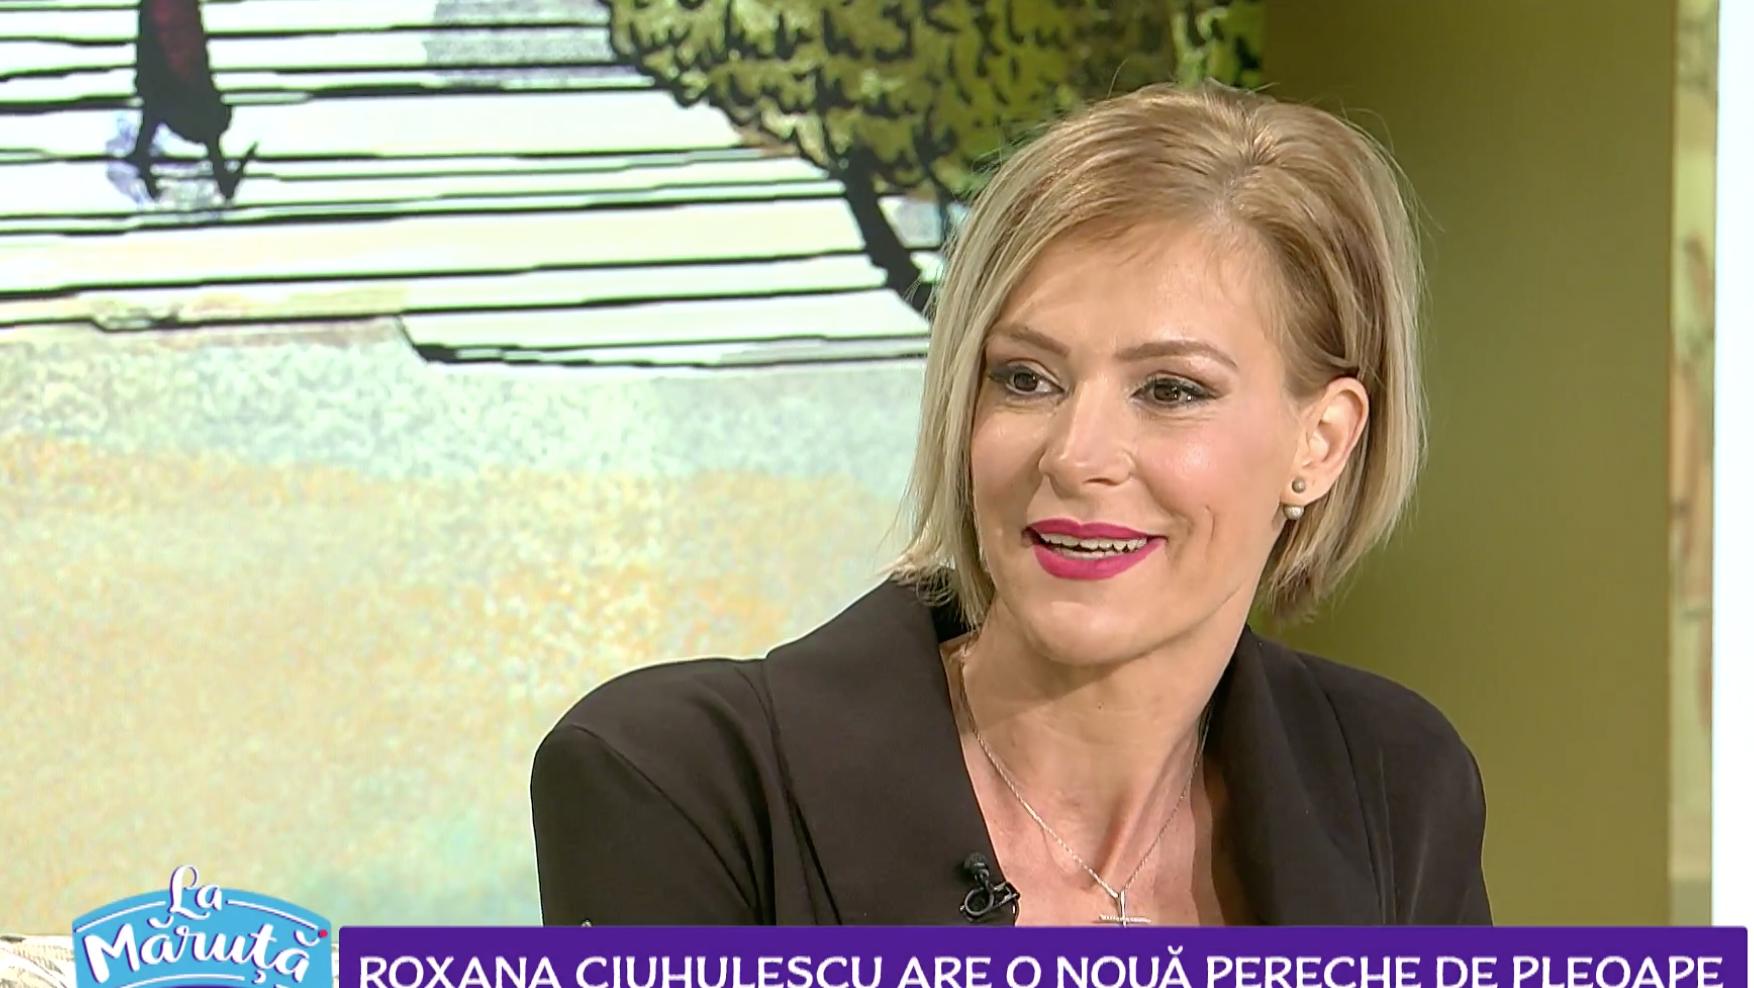 Roxana Ciuhulescu operatie la pleoape 6